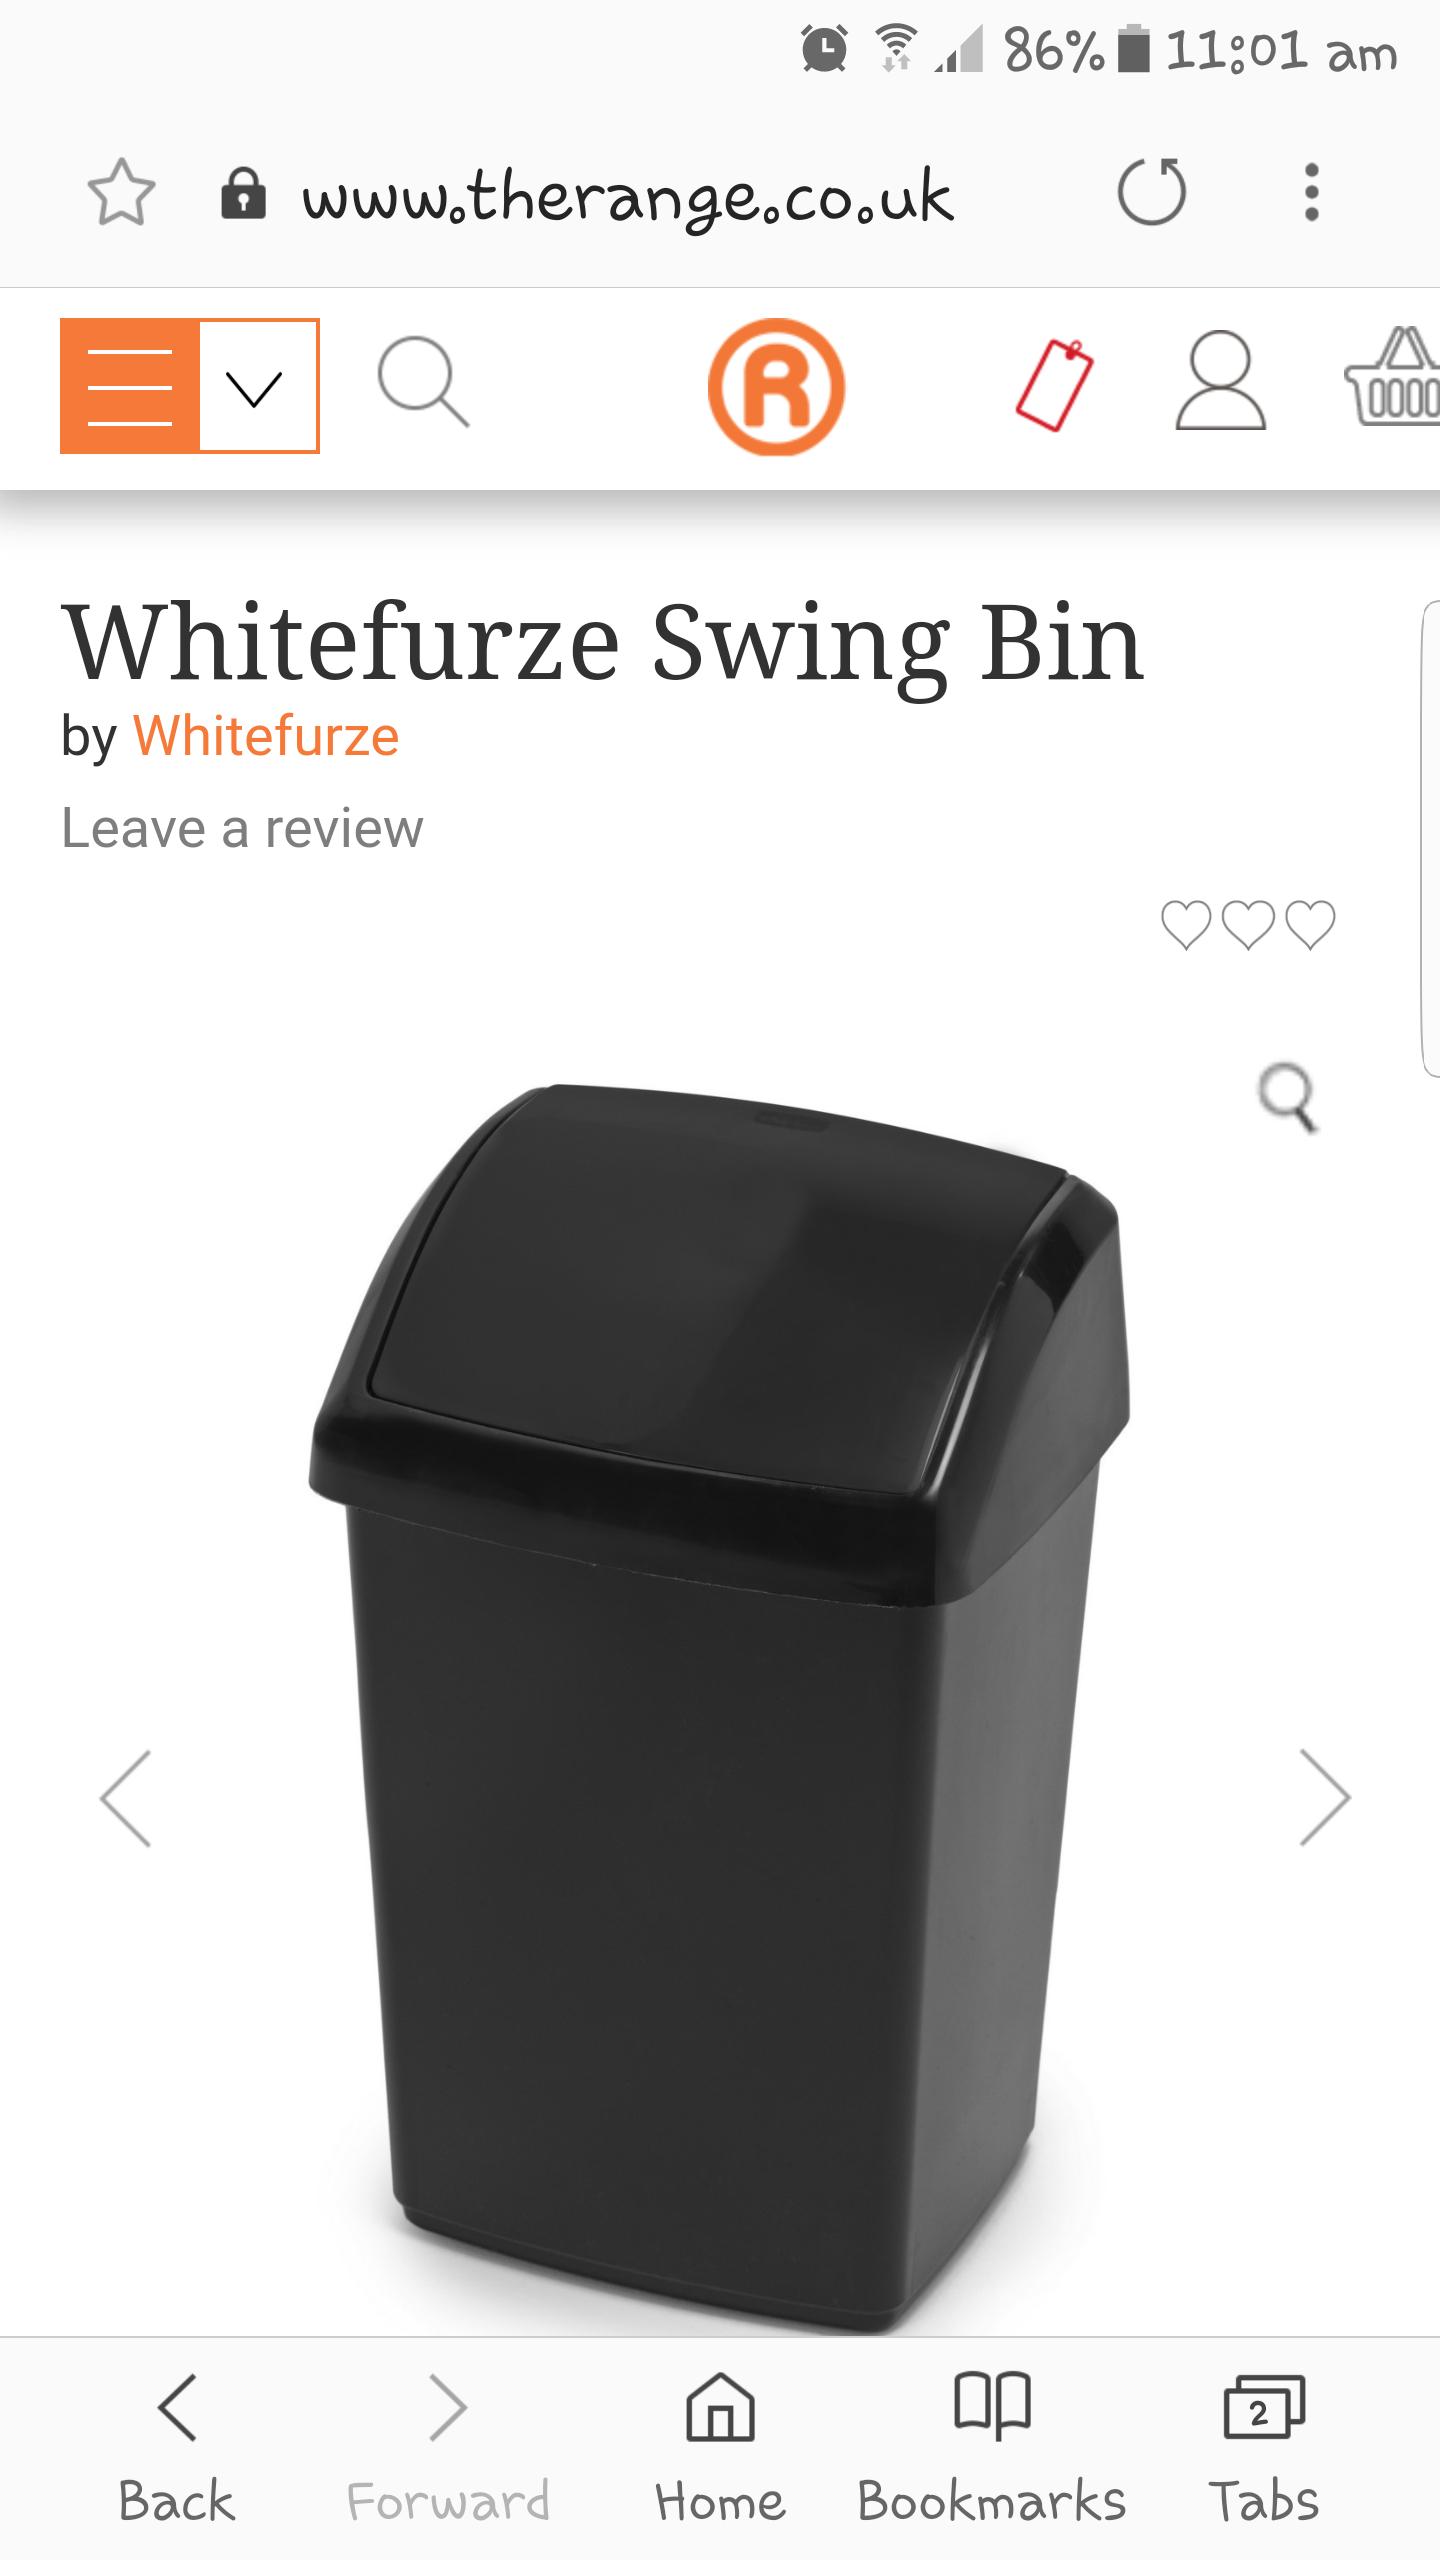 50l swing bin £9.99 - the range